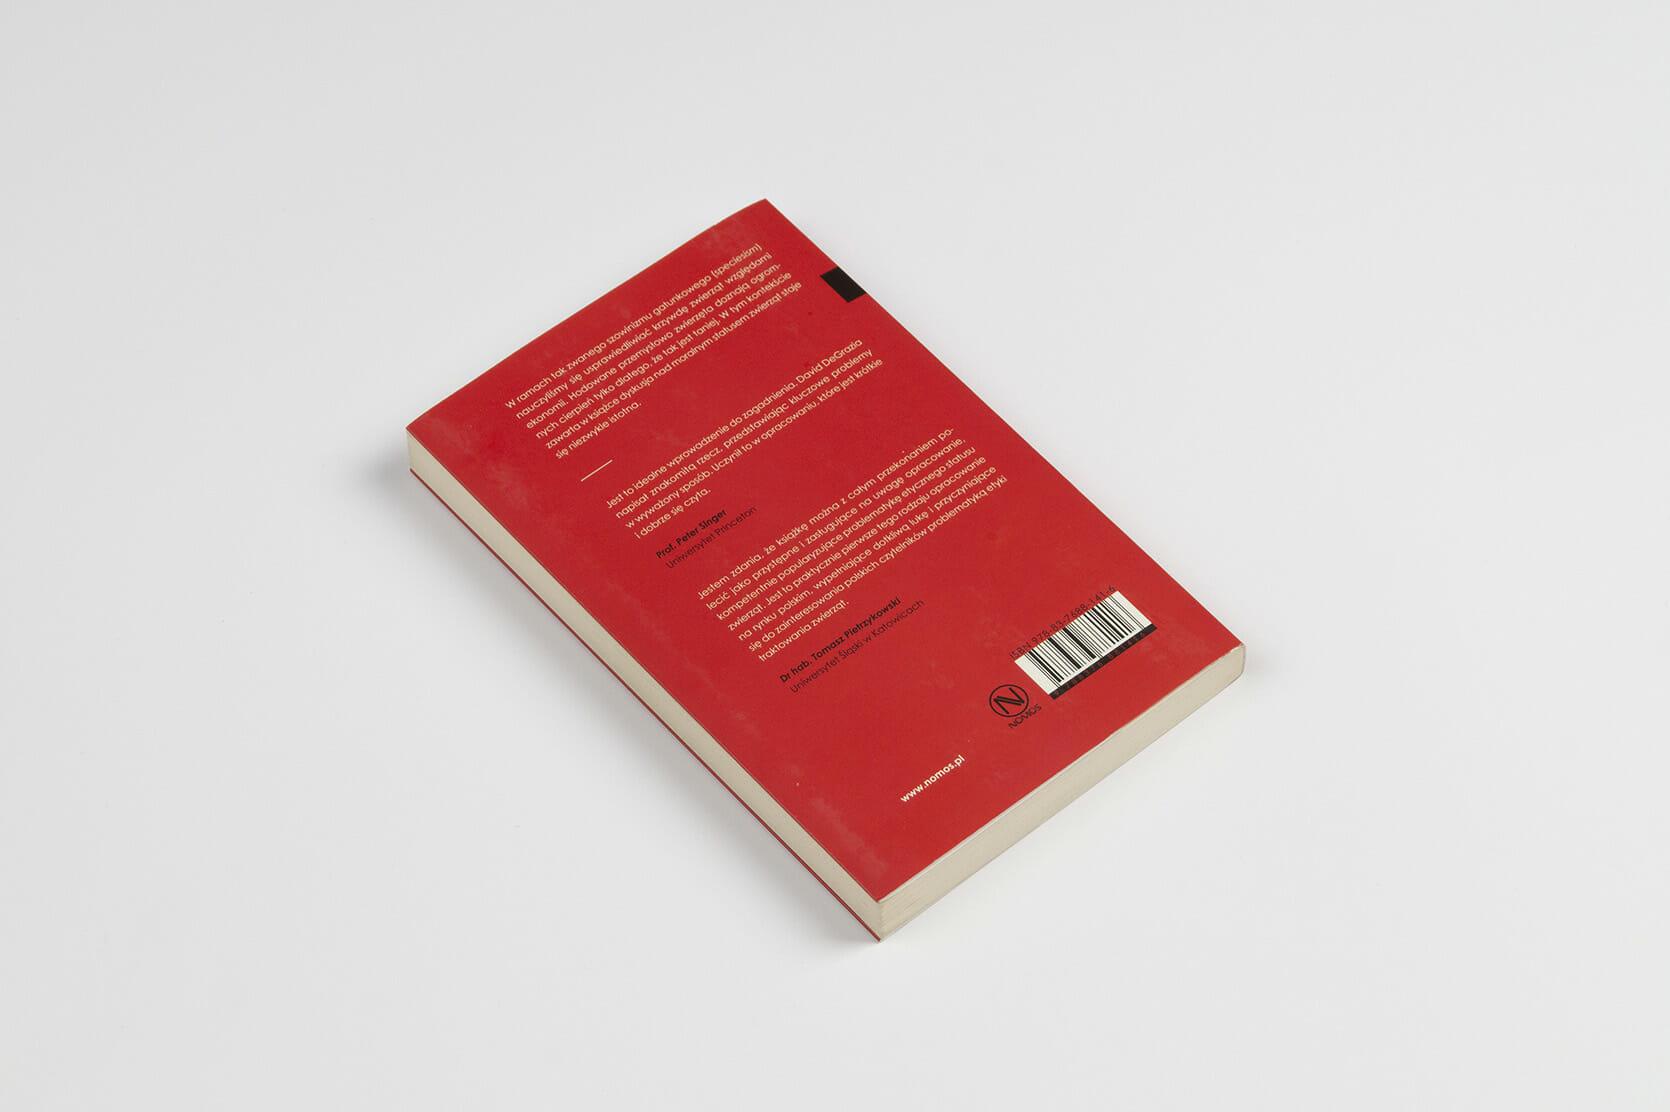 Animal rights - de grazi - book cover